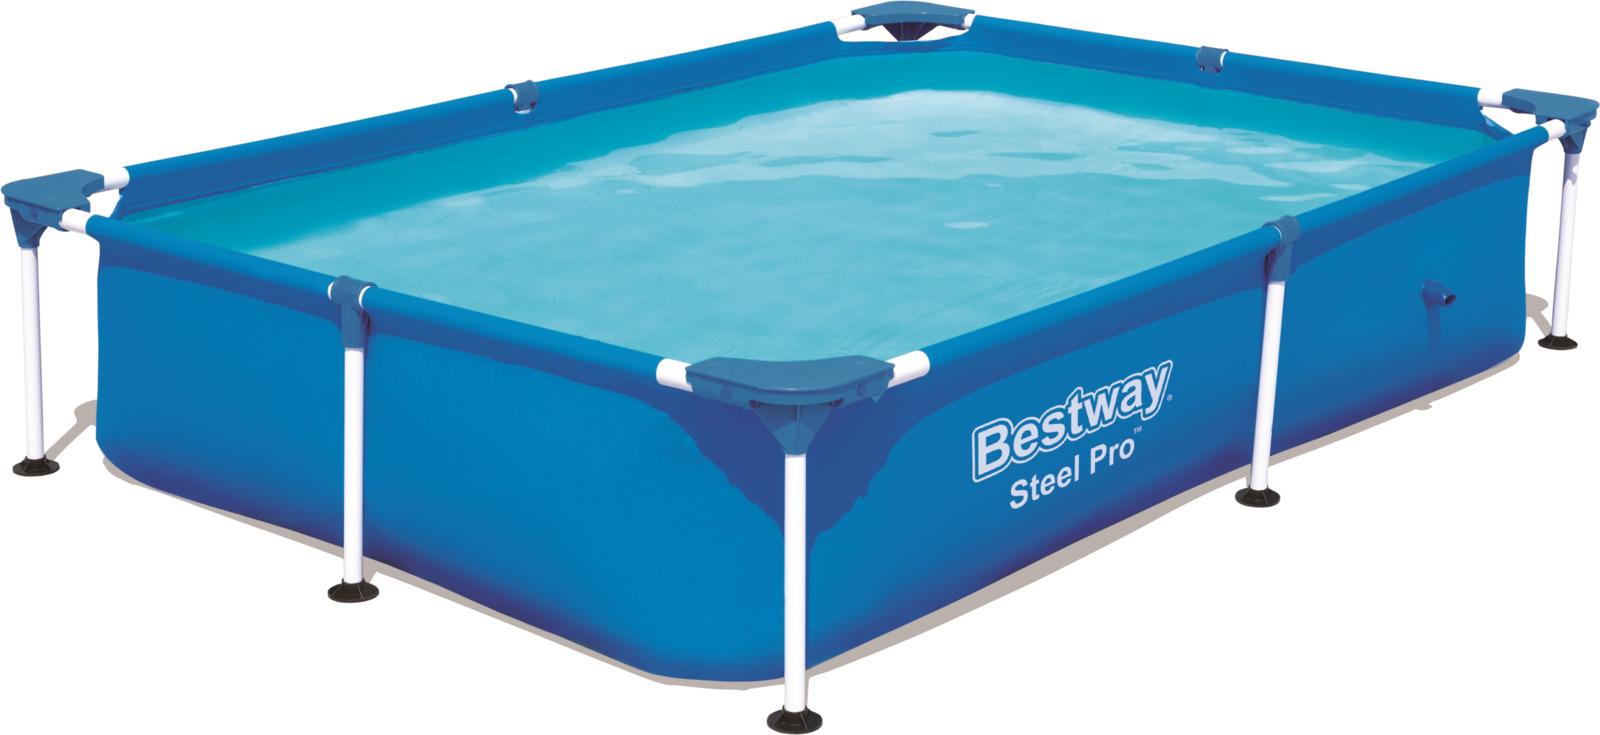 Бассейн каркасный Bestway Steel Pro, 1200 л каркасный бассейн bestway power steel deluxe 427x107 см 56664 13030 л